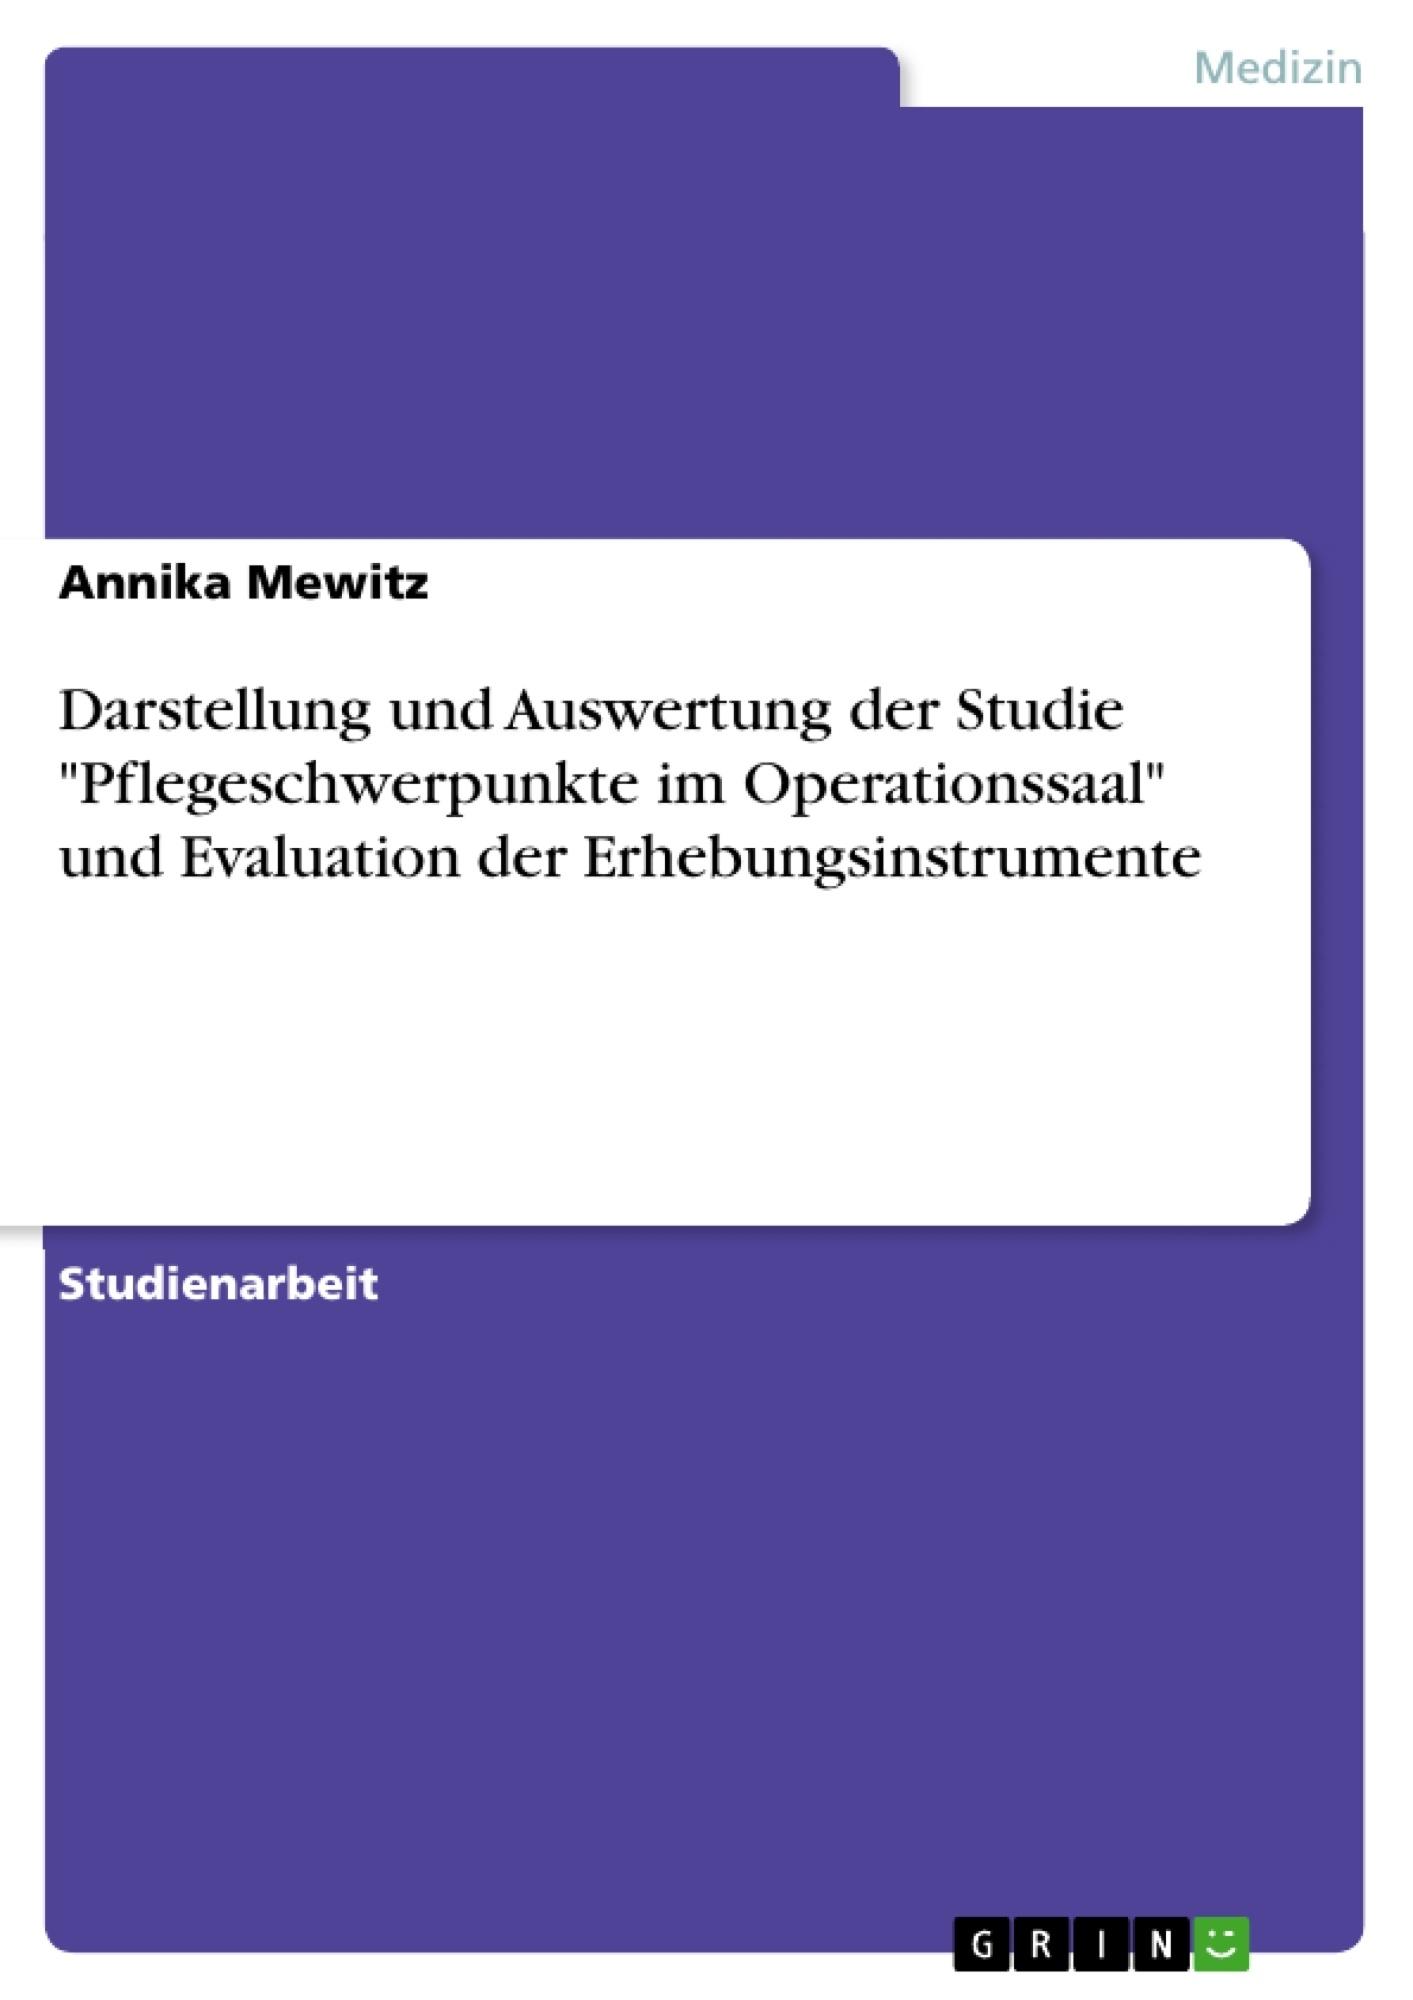 """Titel: Darstellung und Auswertung der Studie """"Pflegeschwerpunkte im Operationssaal"""" und Evaluation der Erhebungsinstrumente"""